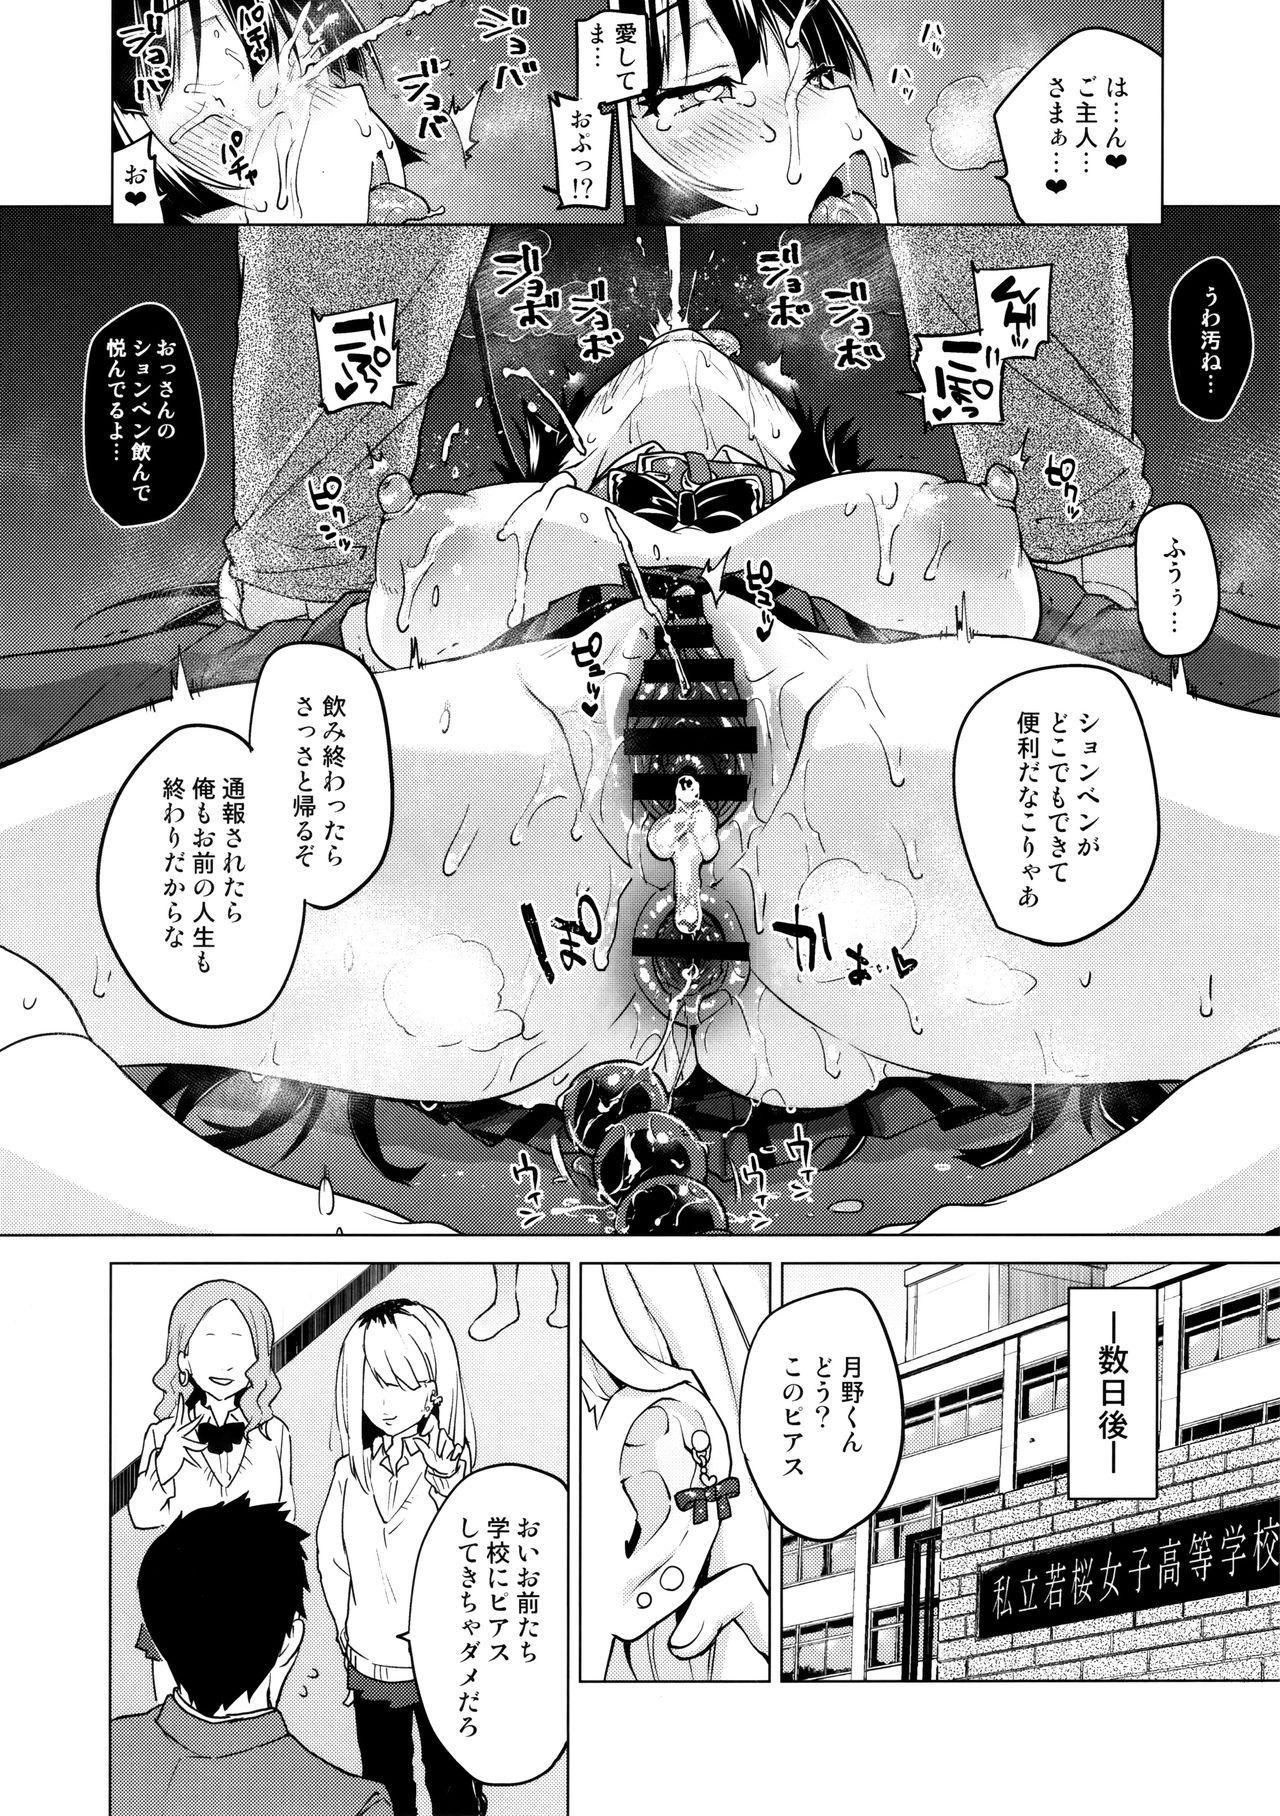 Chizuru-chan Kaihatsu Nikki 5 28